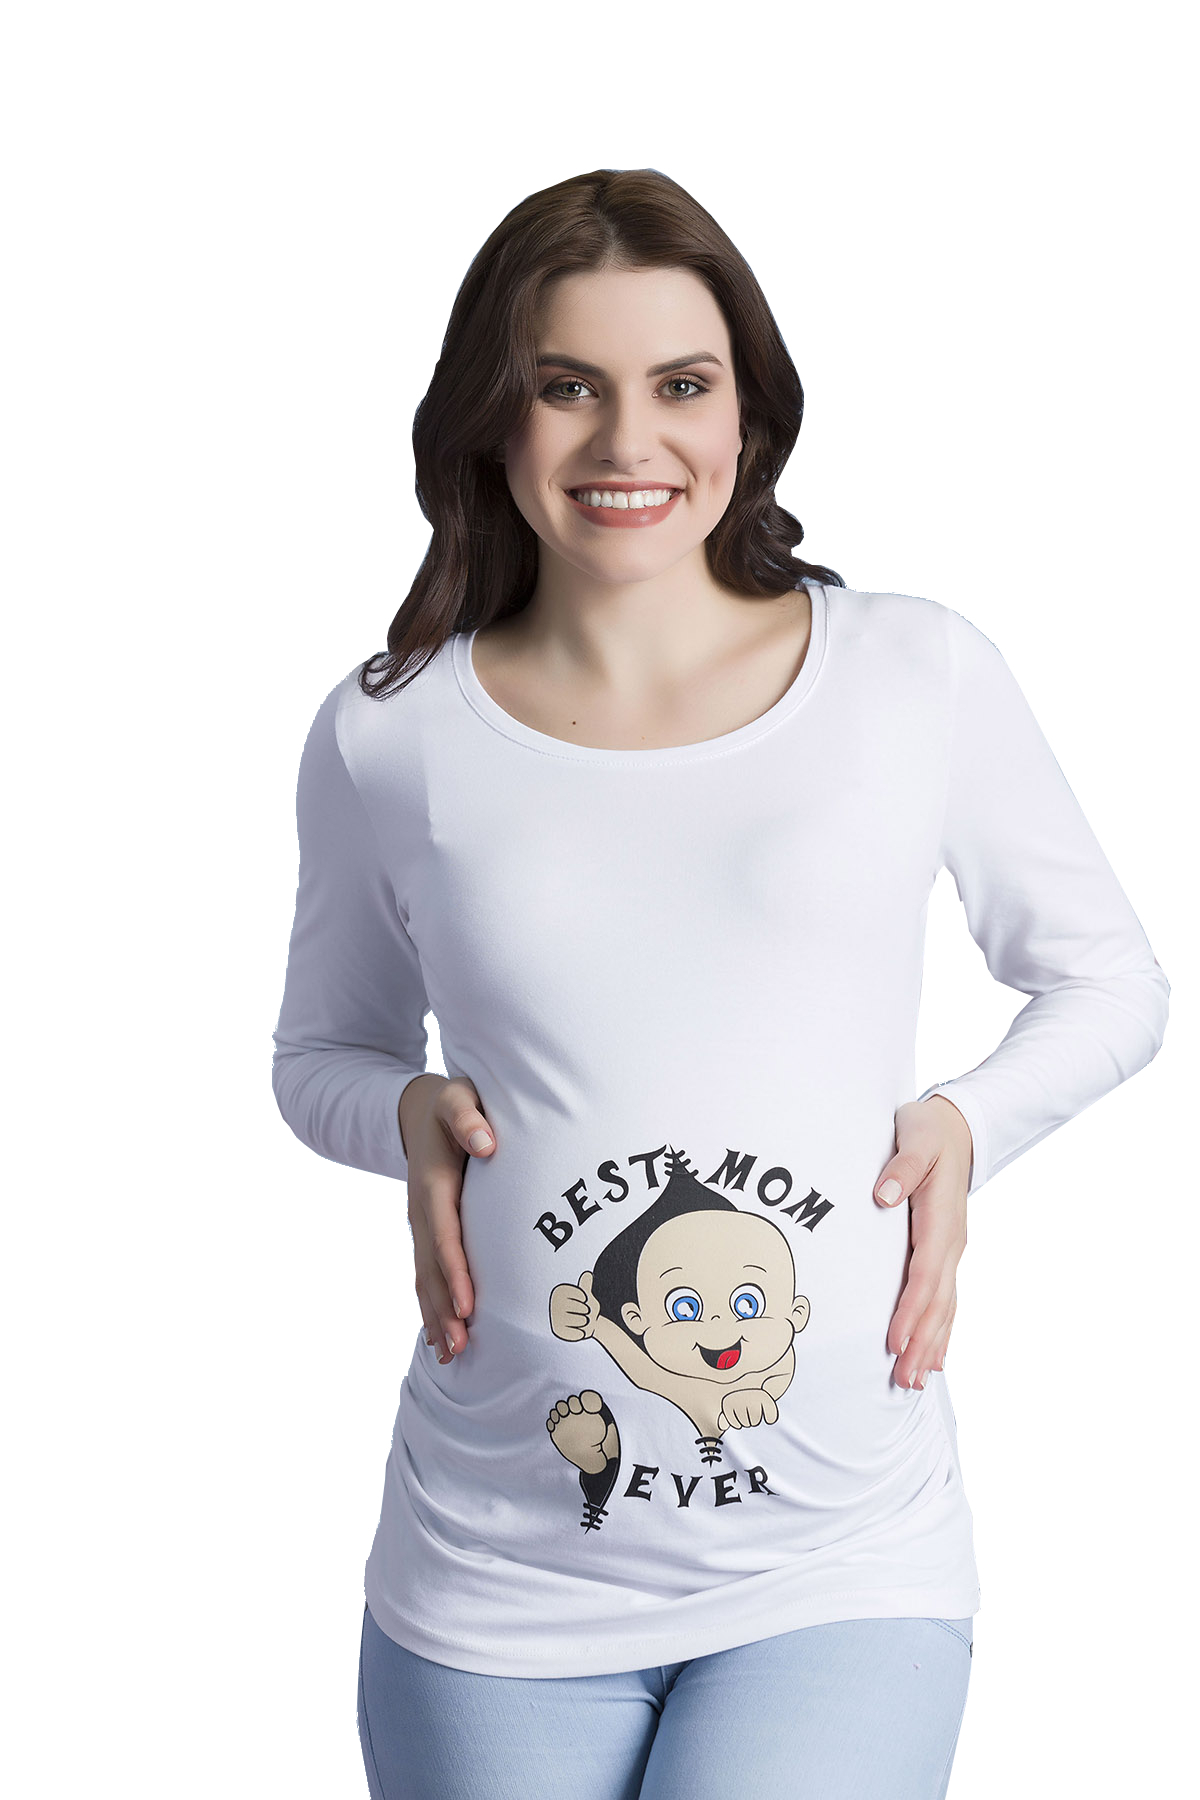 MAMIMODE Tričko s motívom Best Mom Ever White